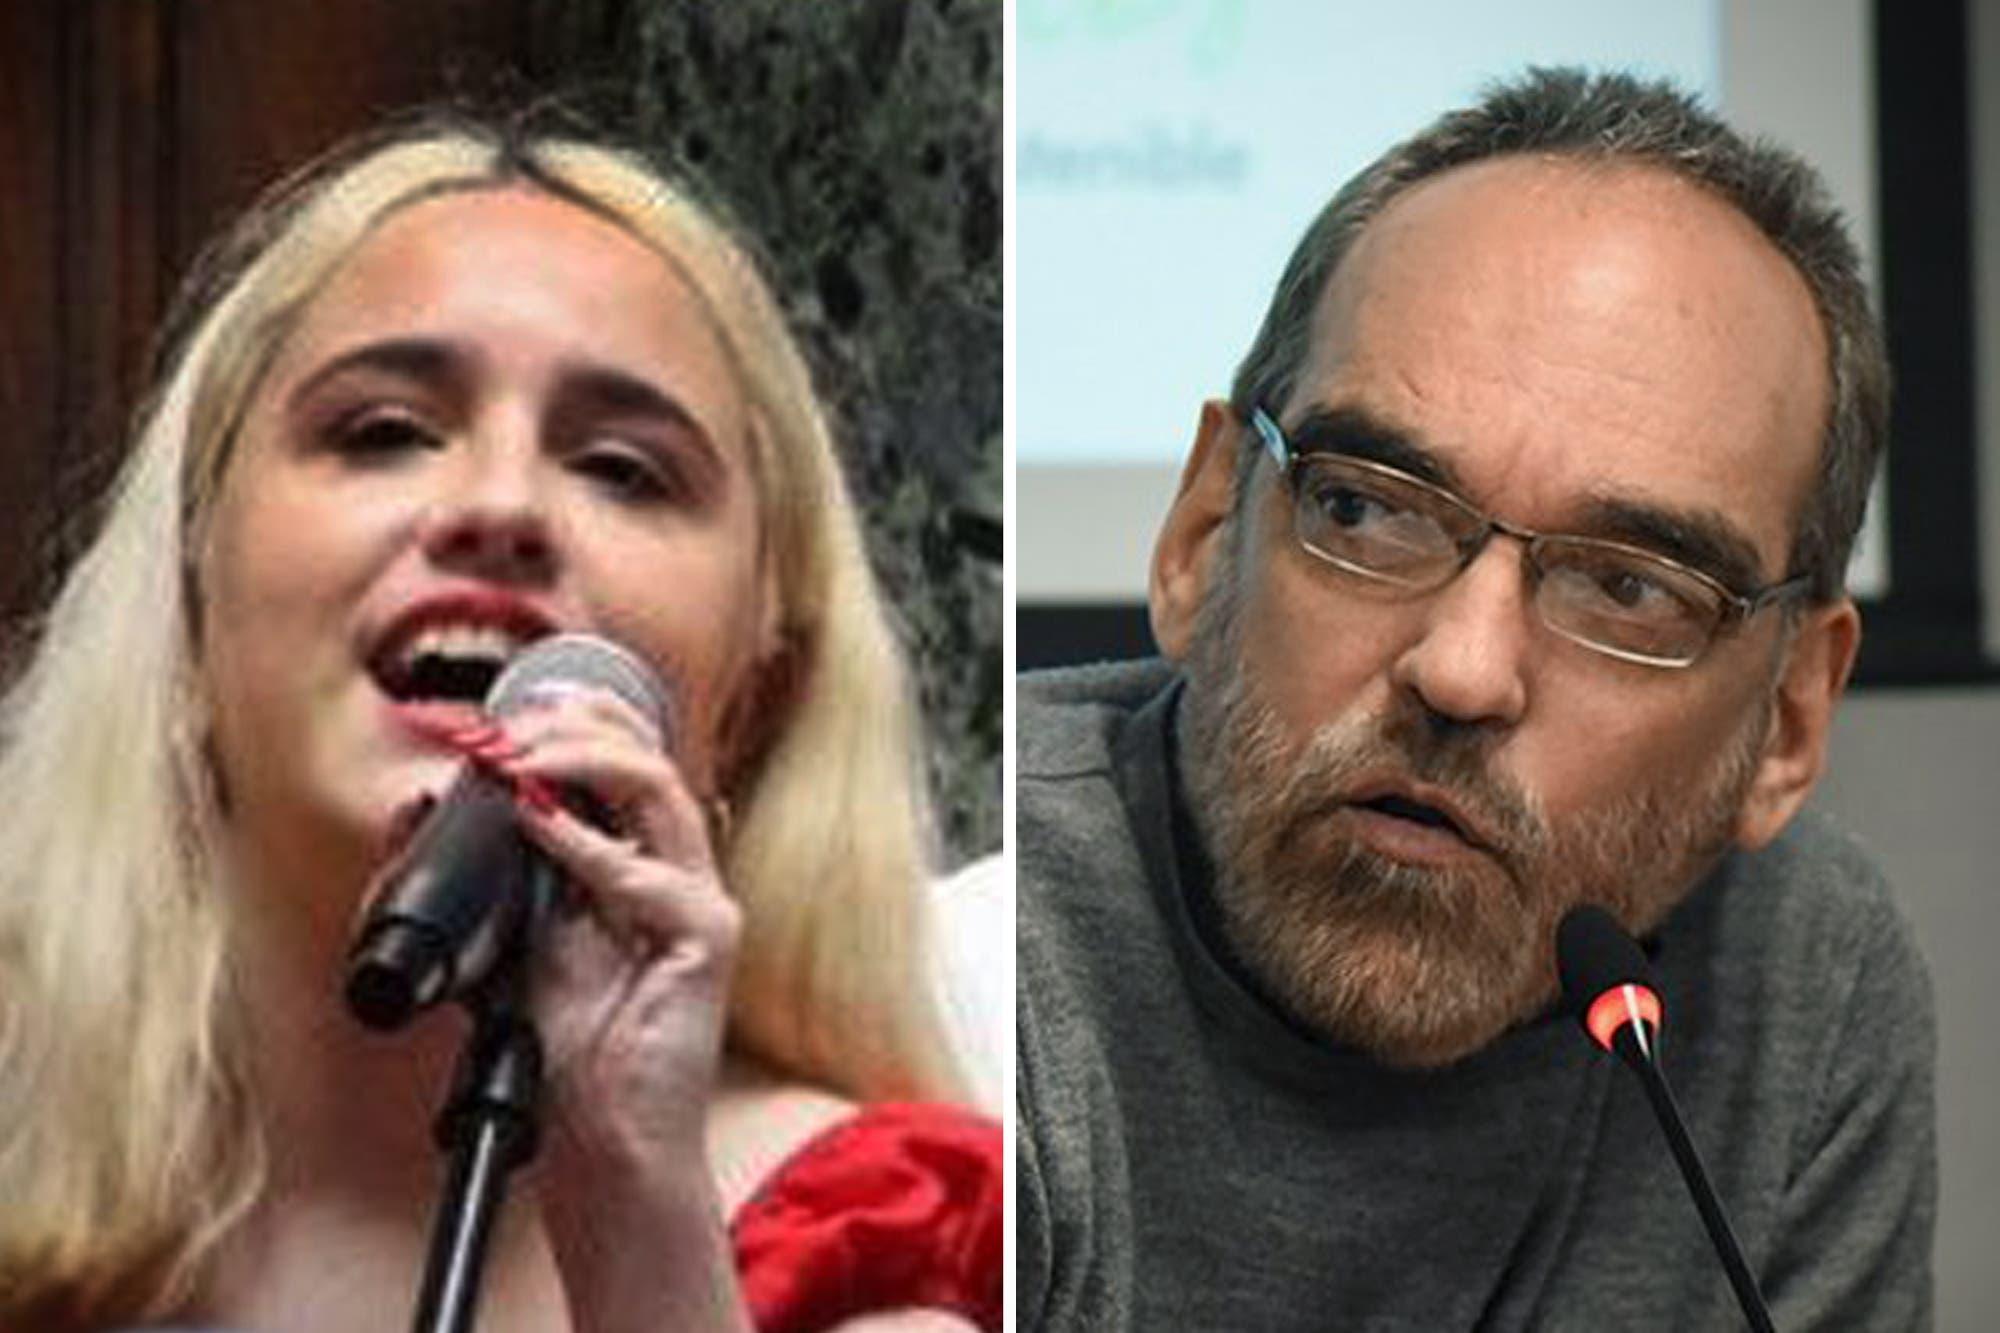 En las redes: Fernando Iglesias opinó sobre el pelo de Ofelia Fernández y fue duramente criticado